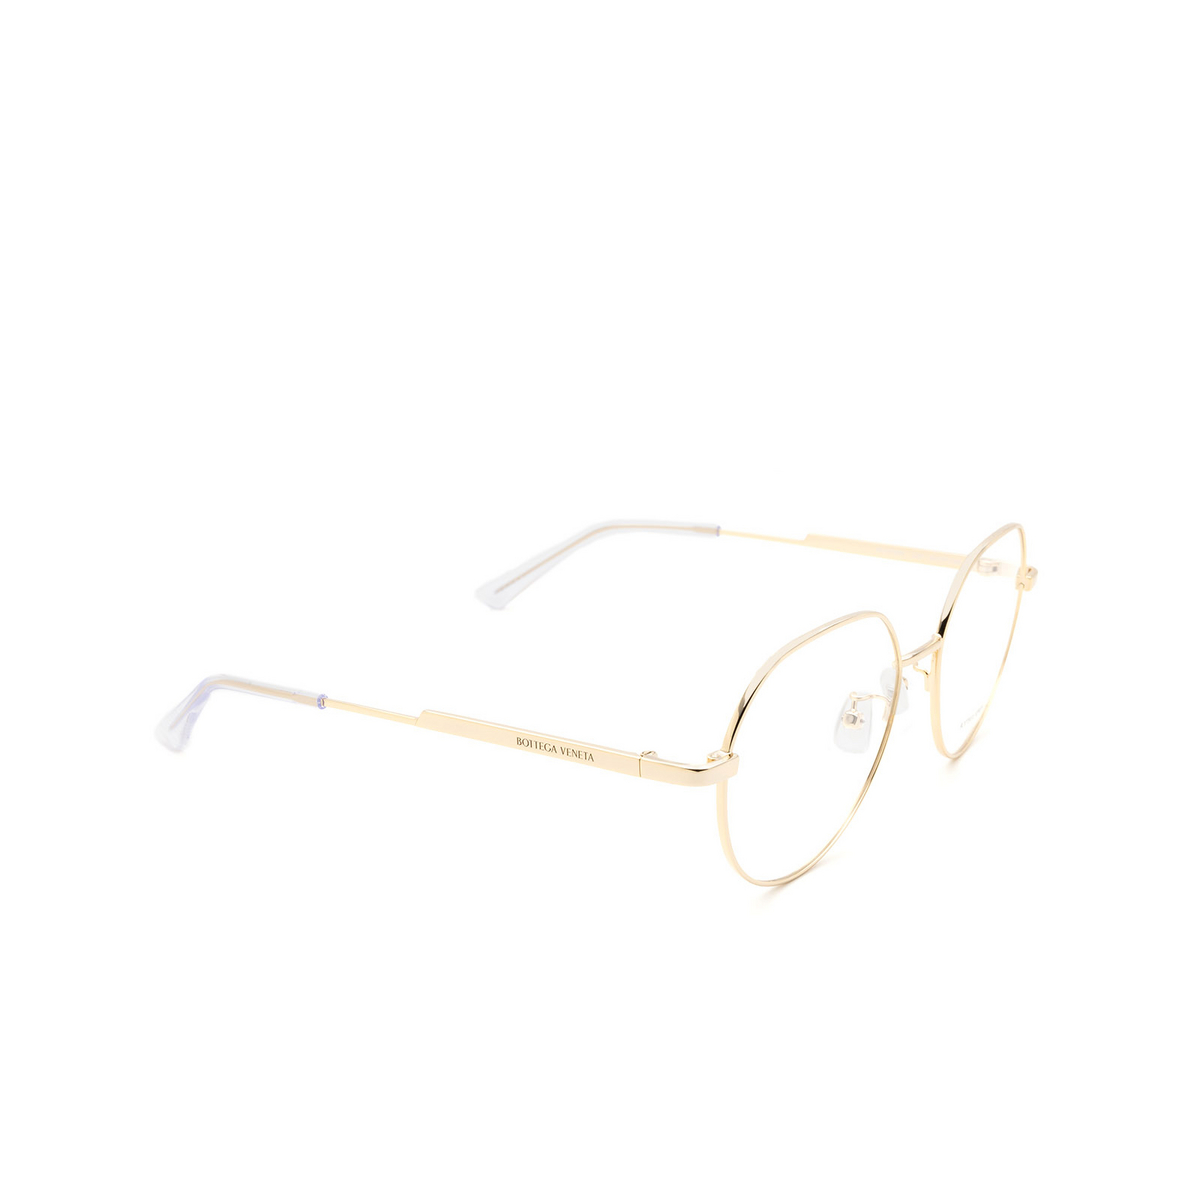 Bottega Veneta® Eyeglasses: BV1076OA color Gold 002 - front view.